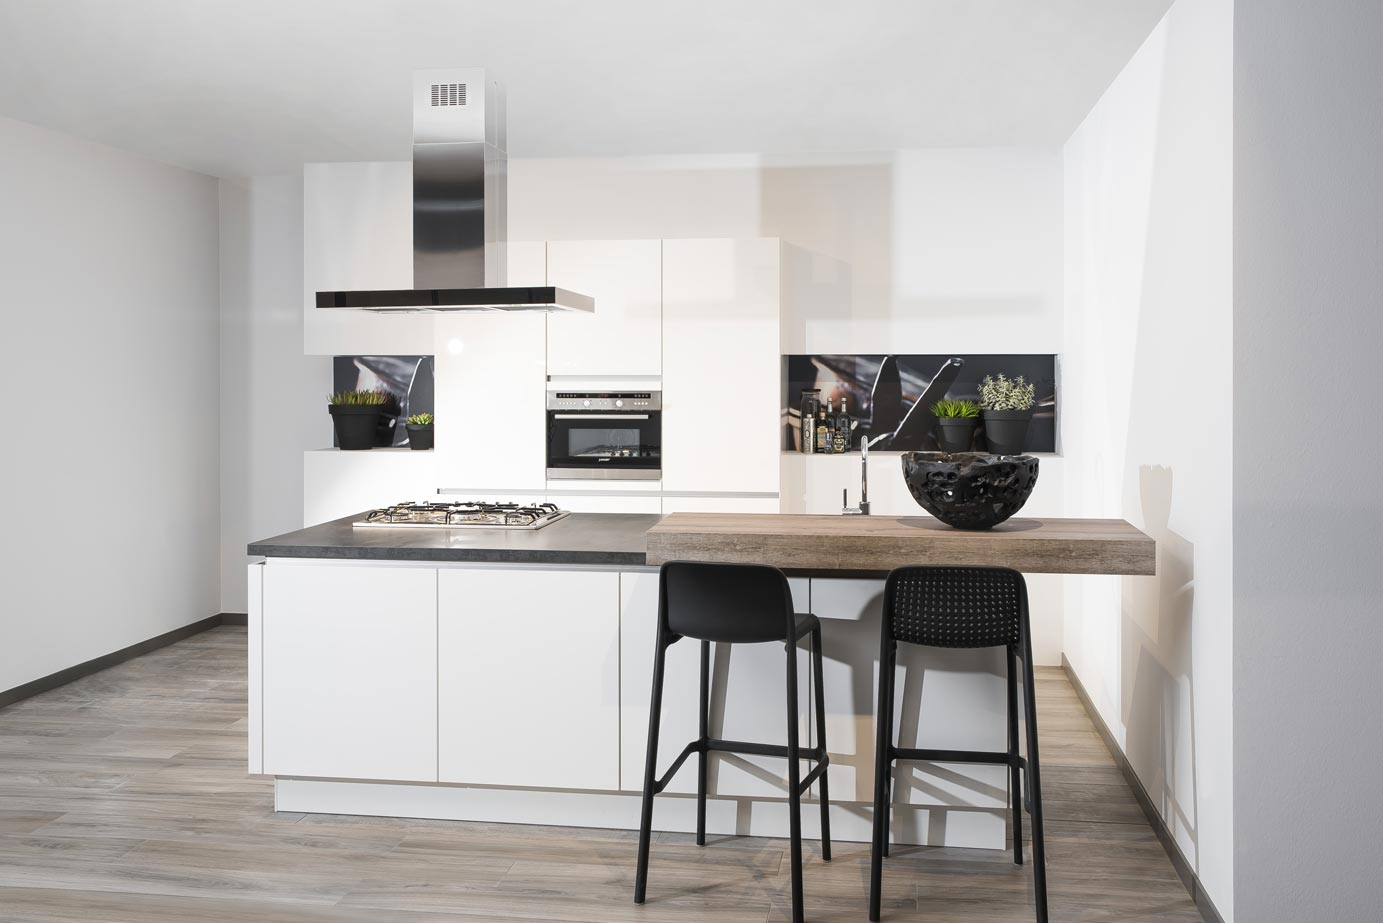 Goedkope Keuken Kopen : Onze goedkope keukens hoge kwaliteit voor lage prijzen adee